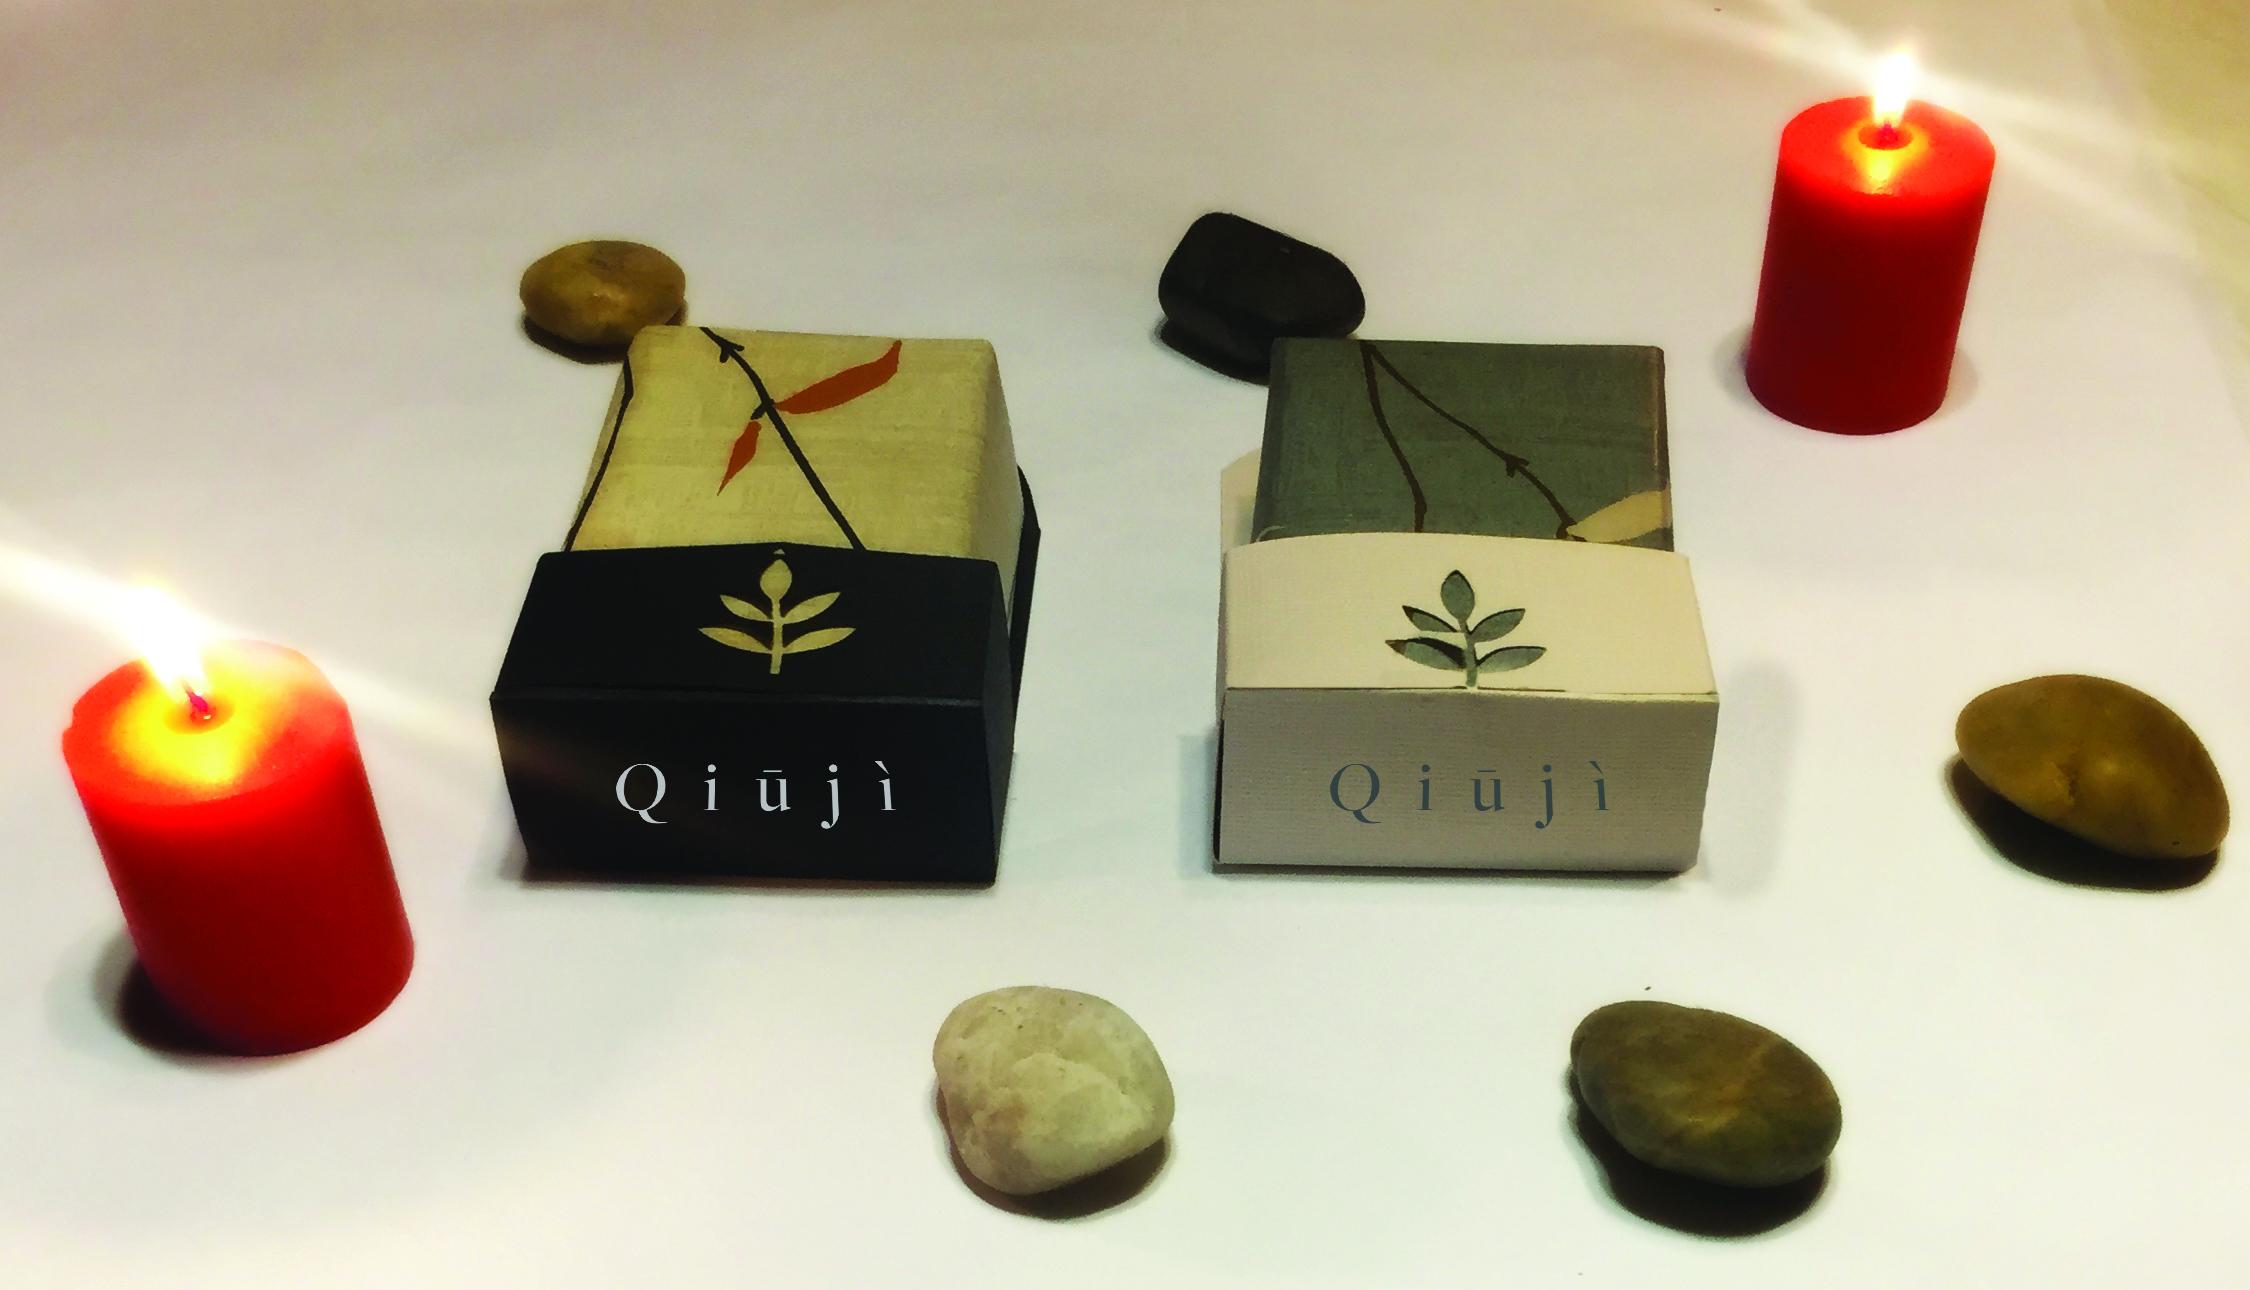 Quiji4.jpg